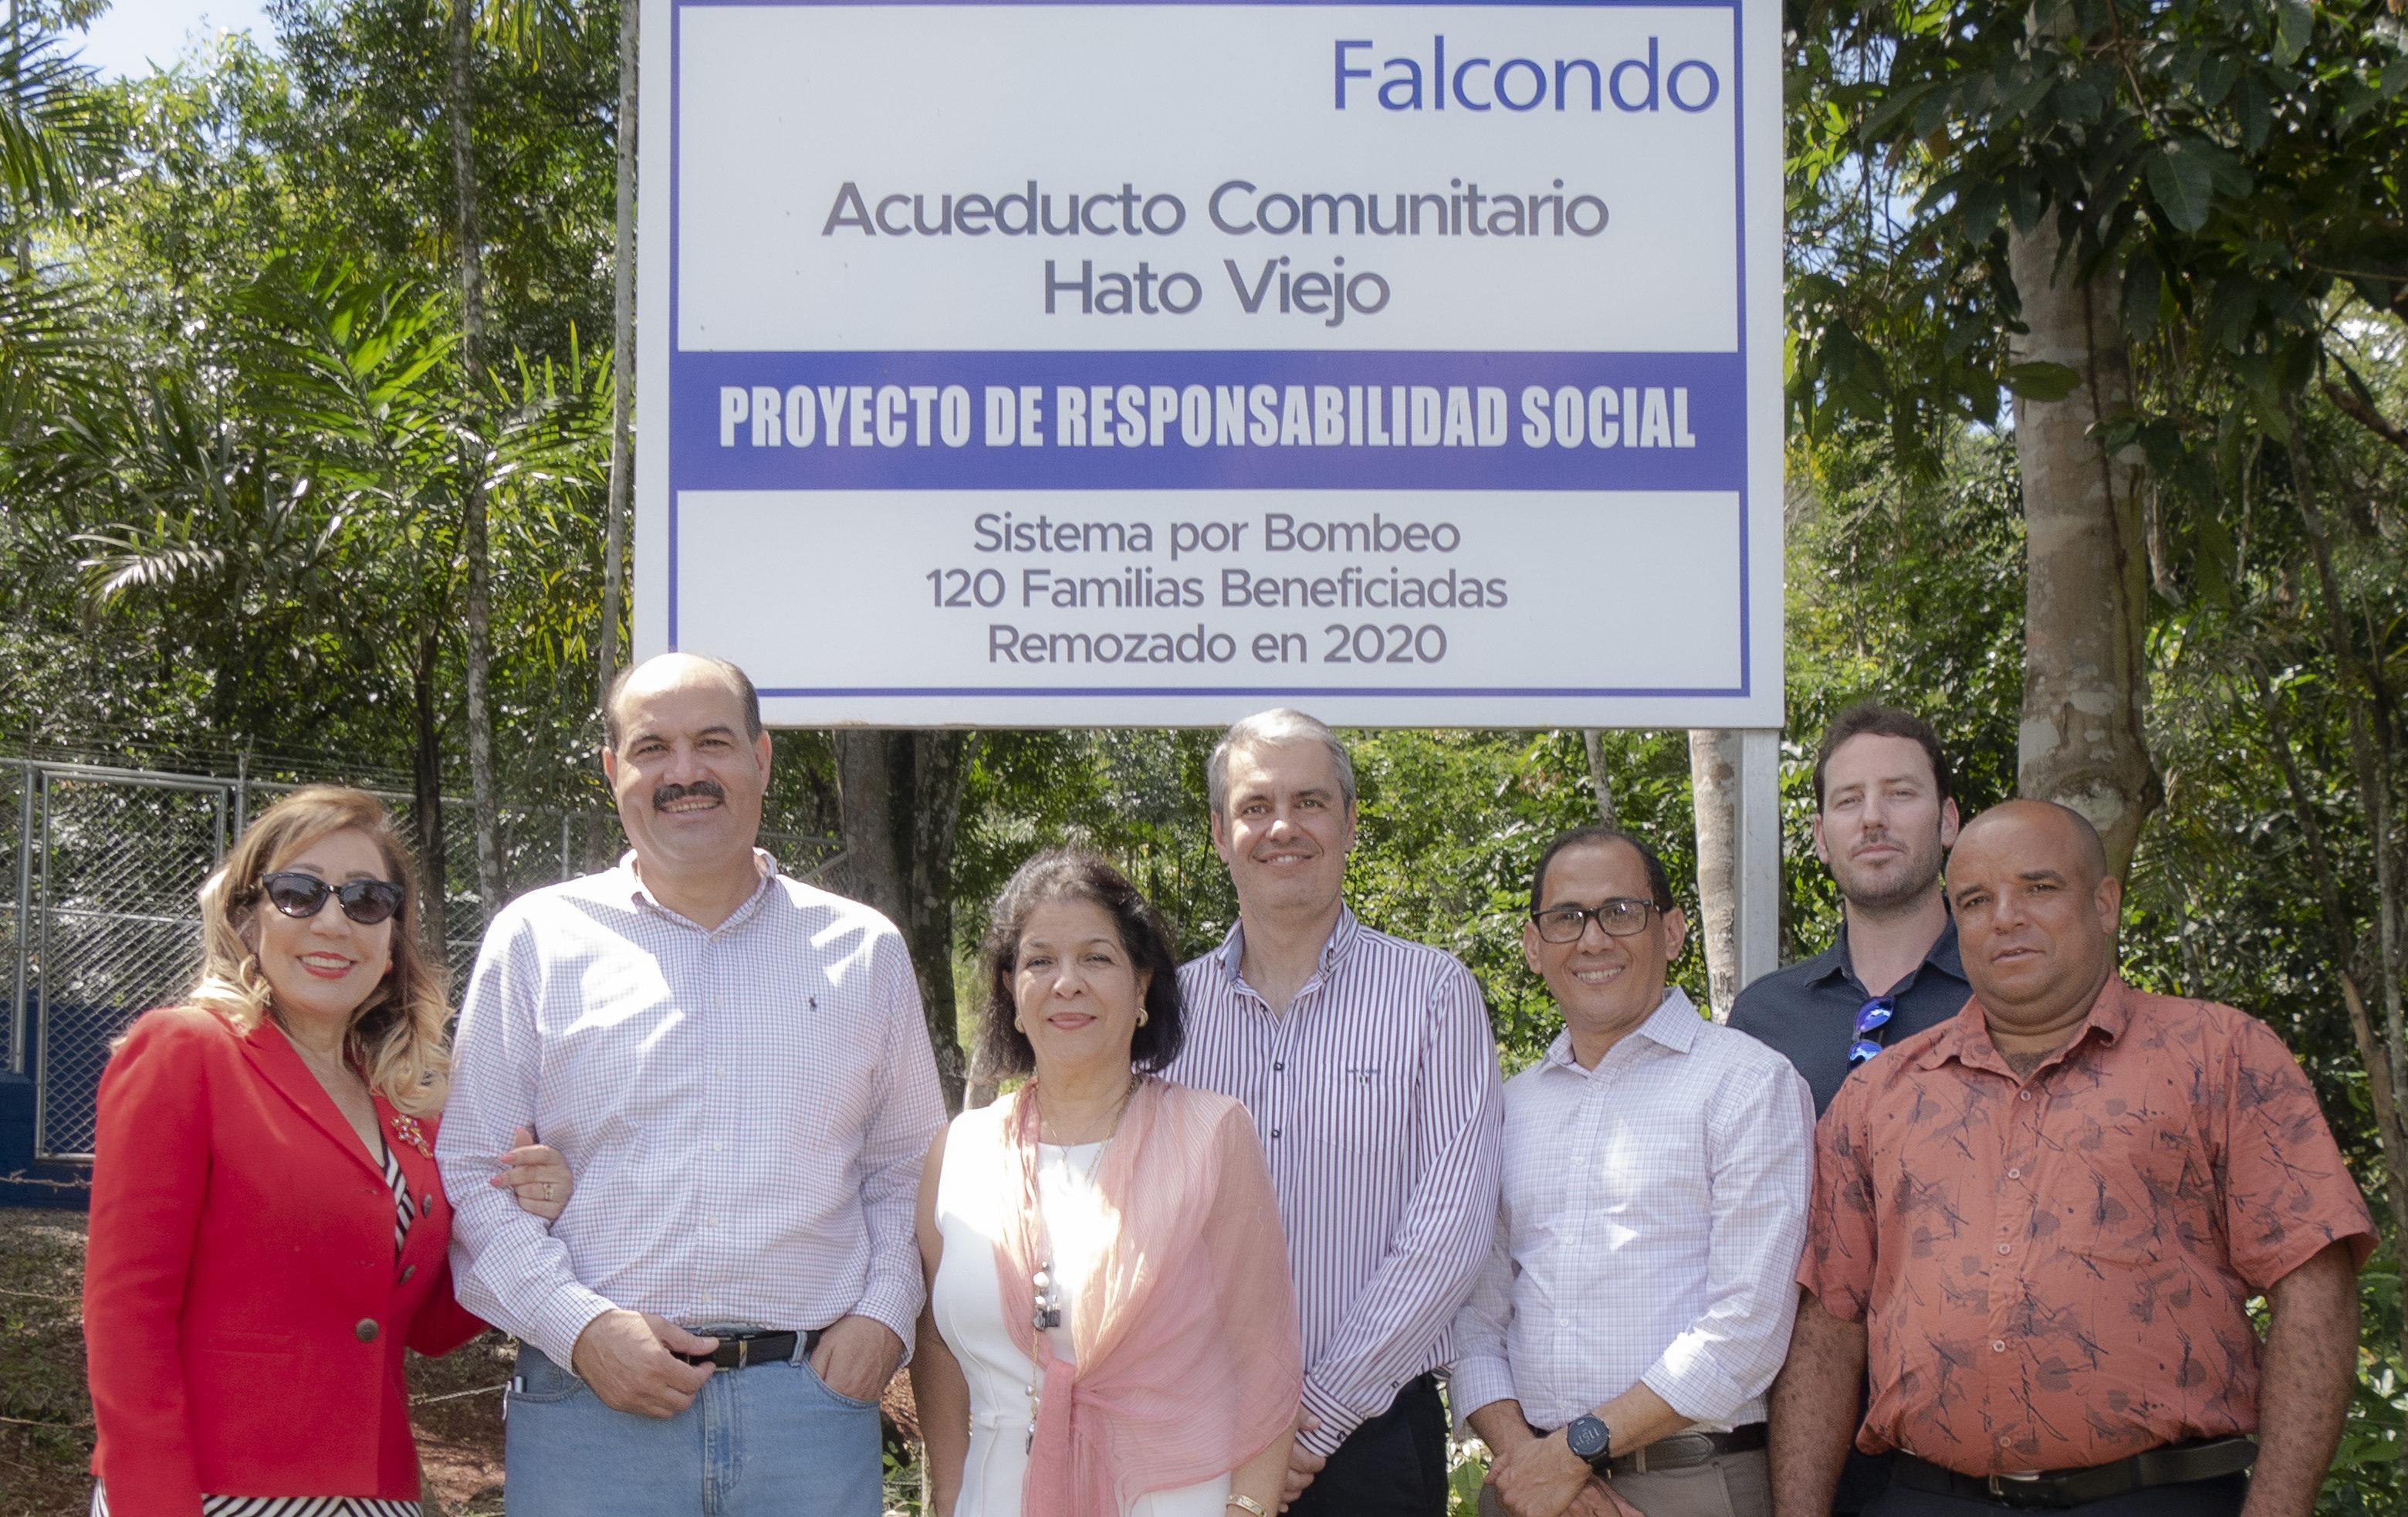 Falcondo inaugura acueducto comunitario y remoza policlínica en Hato Viejo